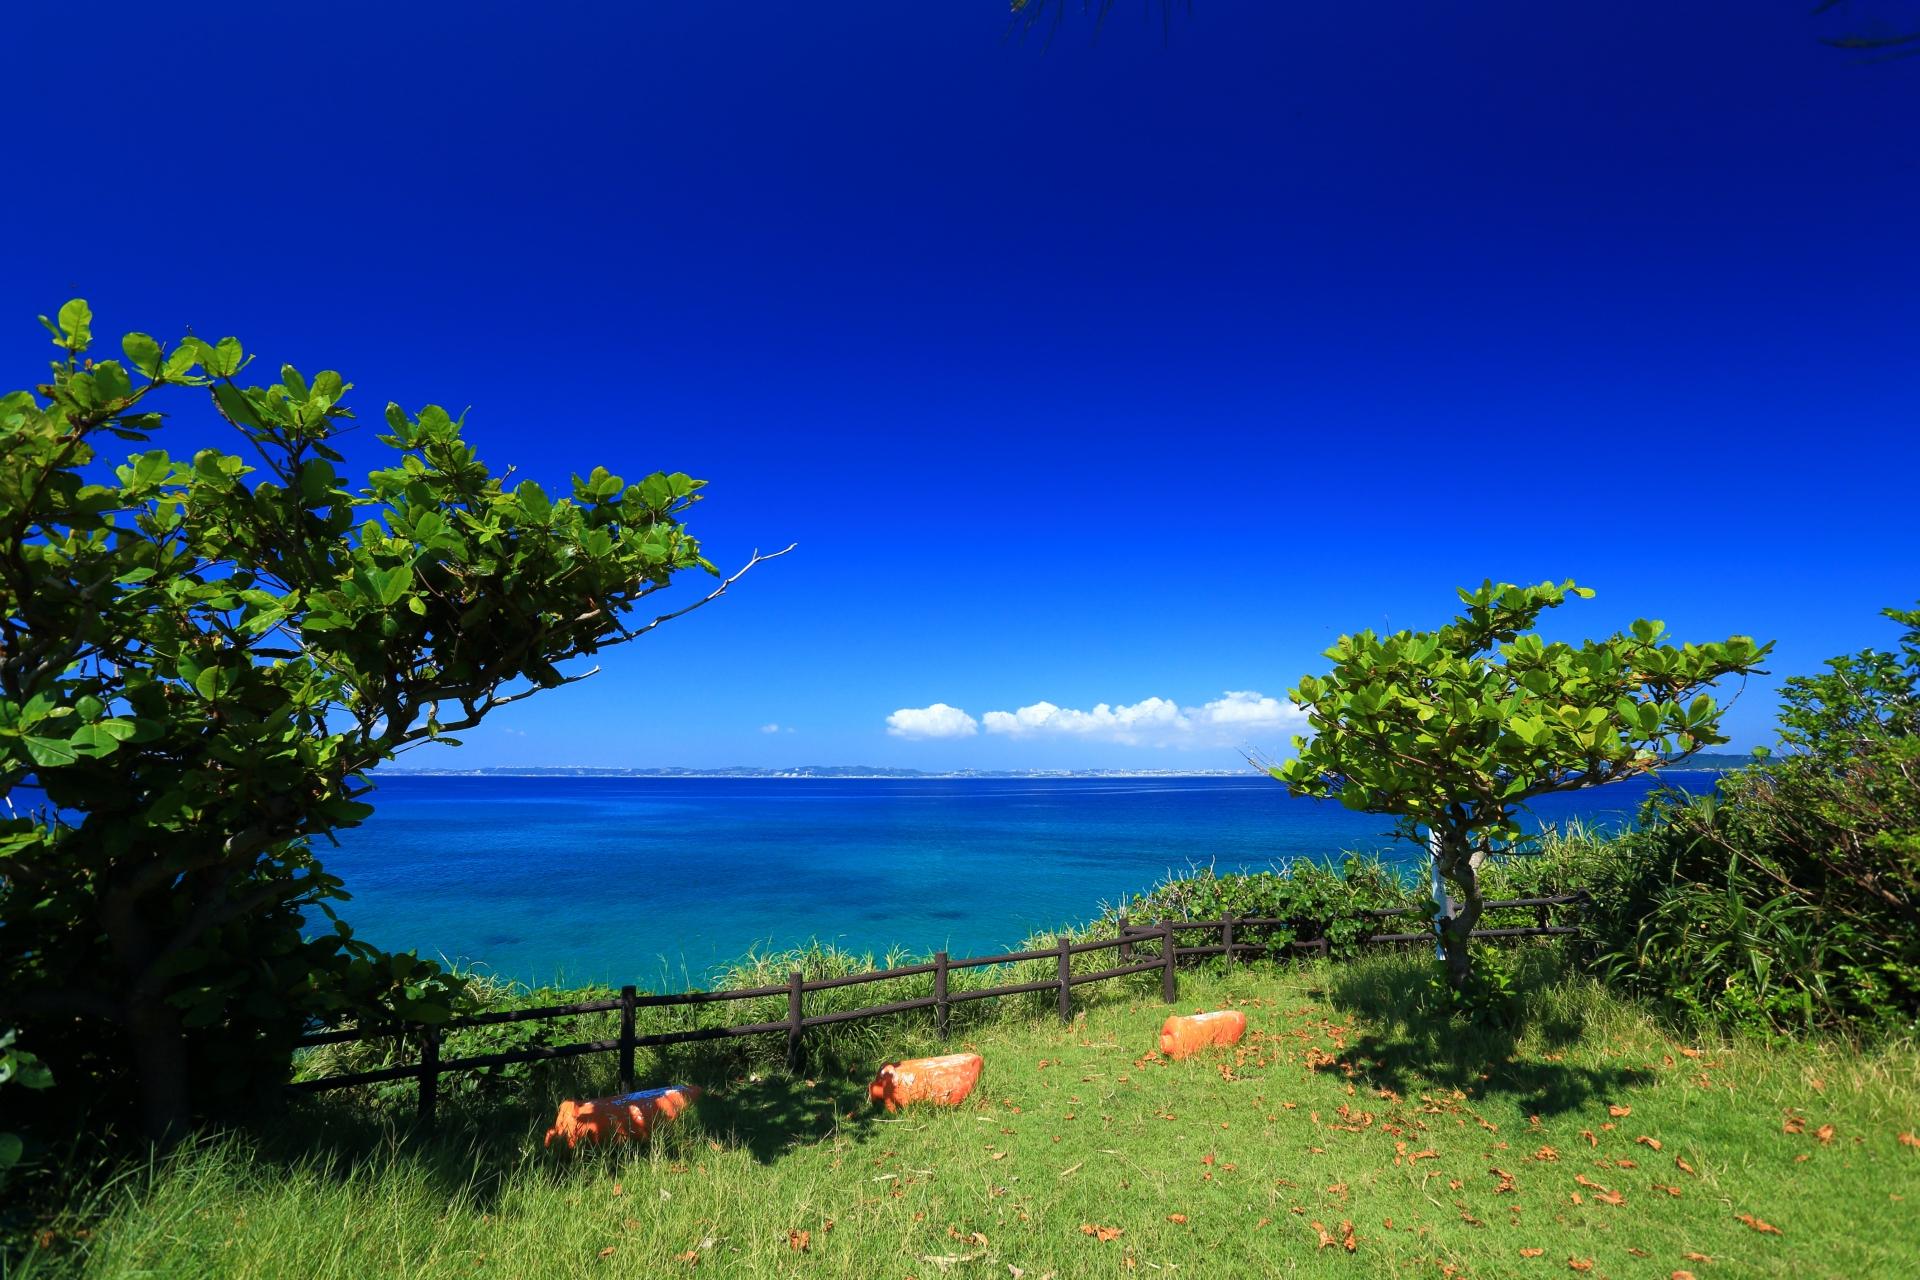 ゴールデンウィークは西表島も人気